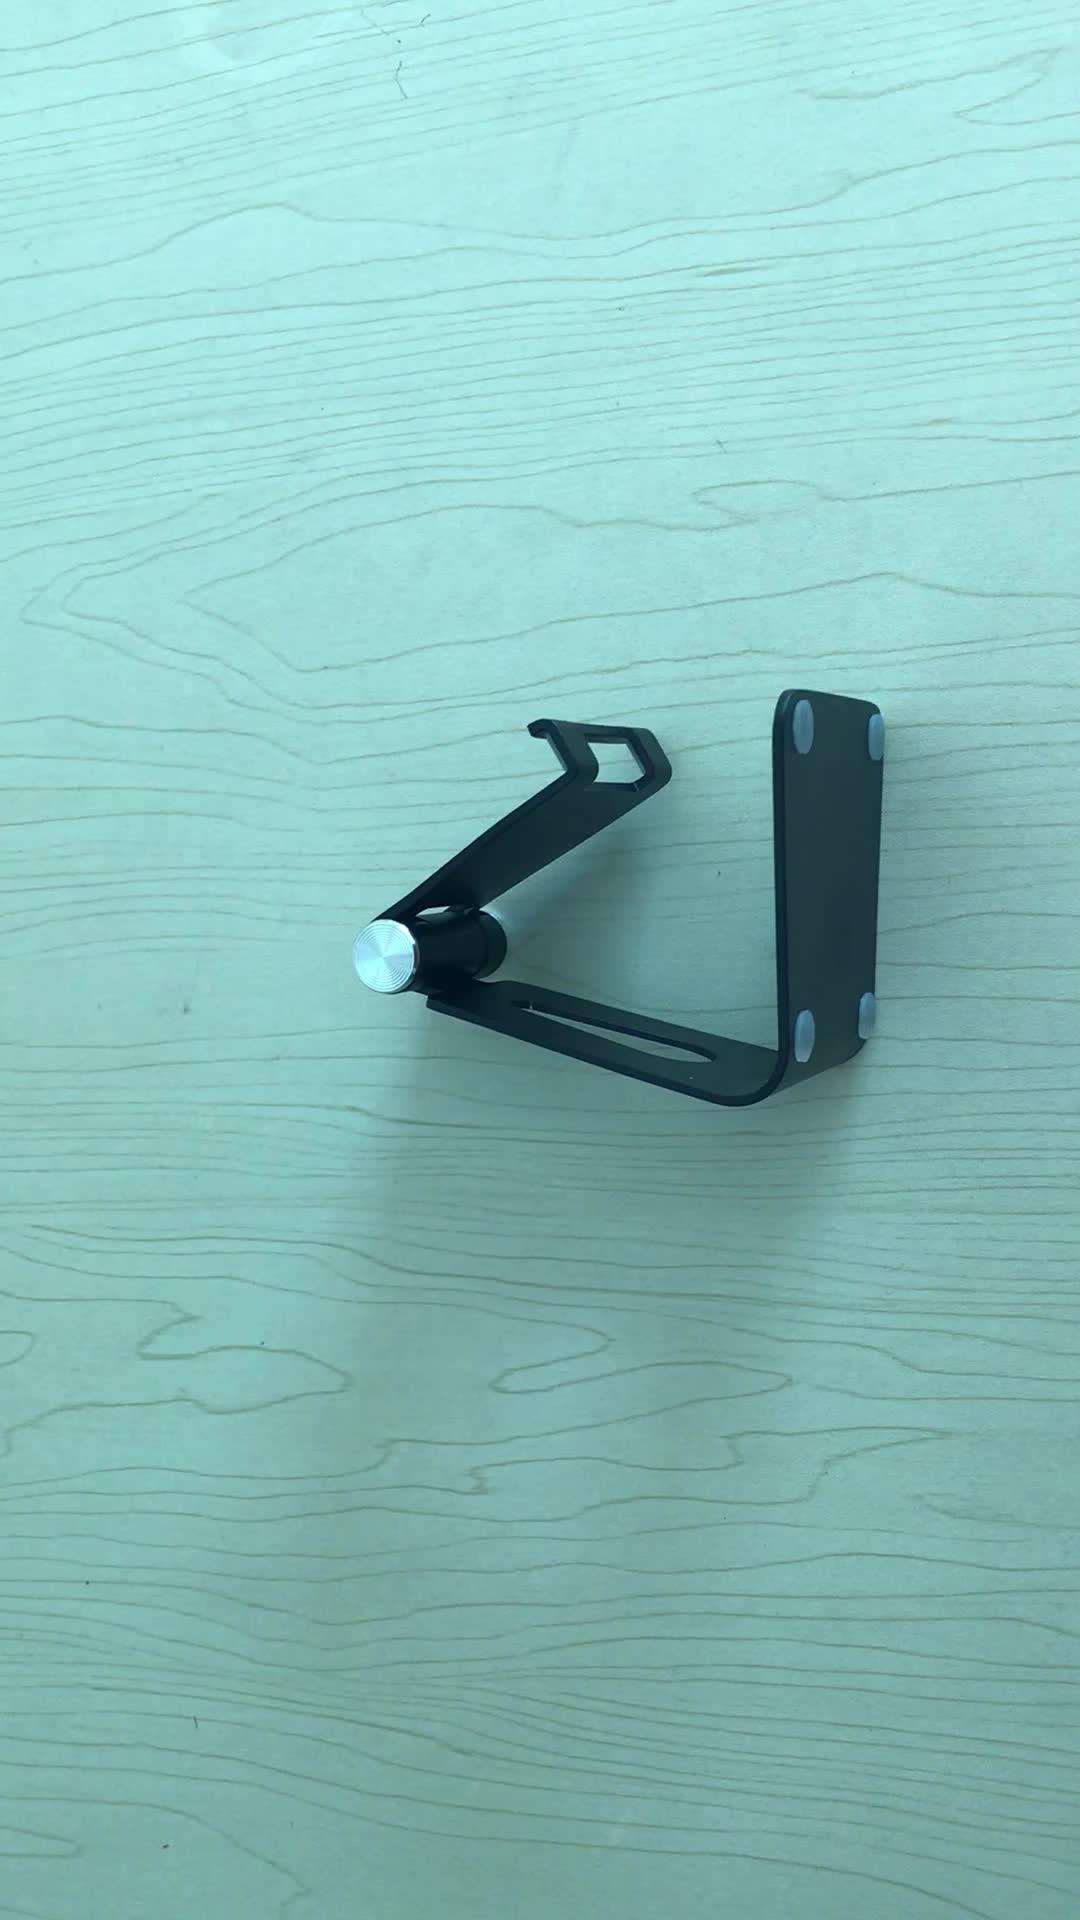 Groothandel Aluminium 180 graden Rotatie Desktop Tablet Standhouder Voor 8 inch Tablet en Telefoon